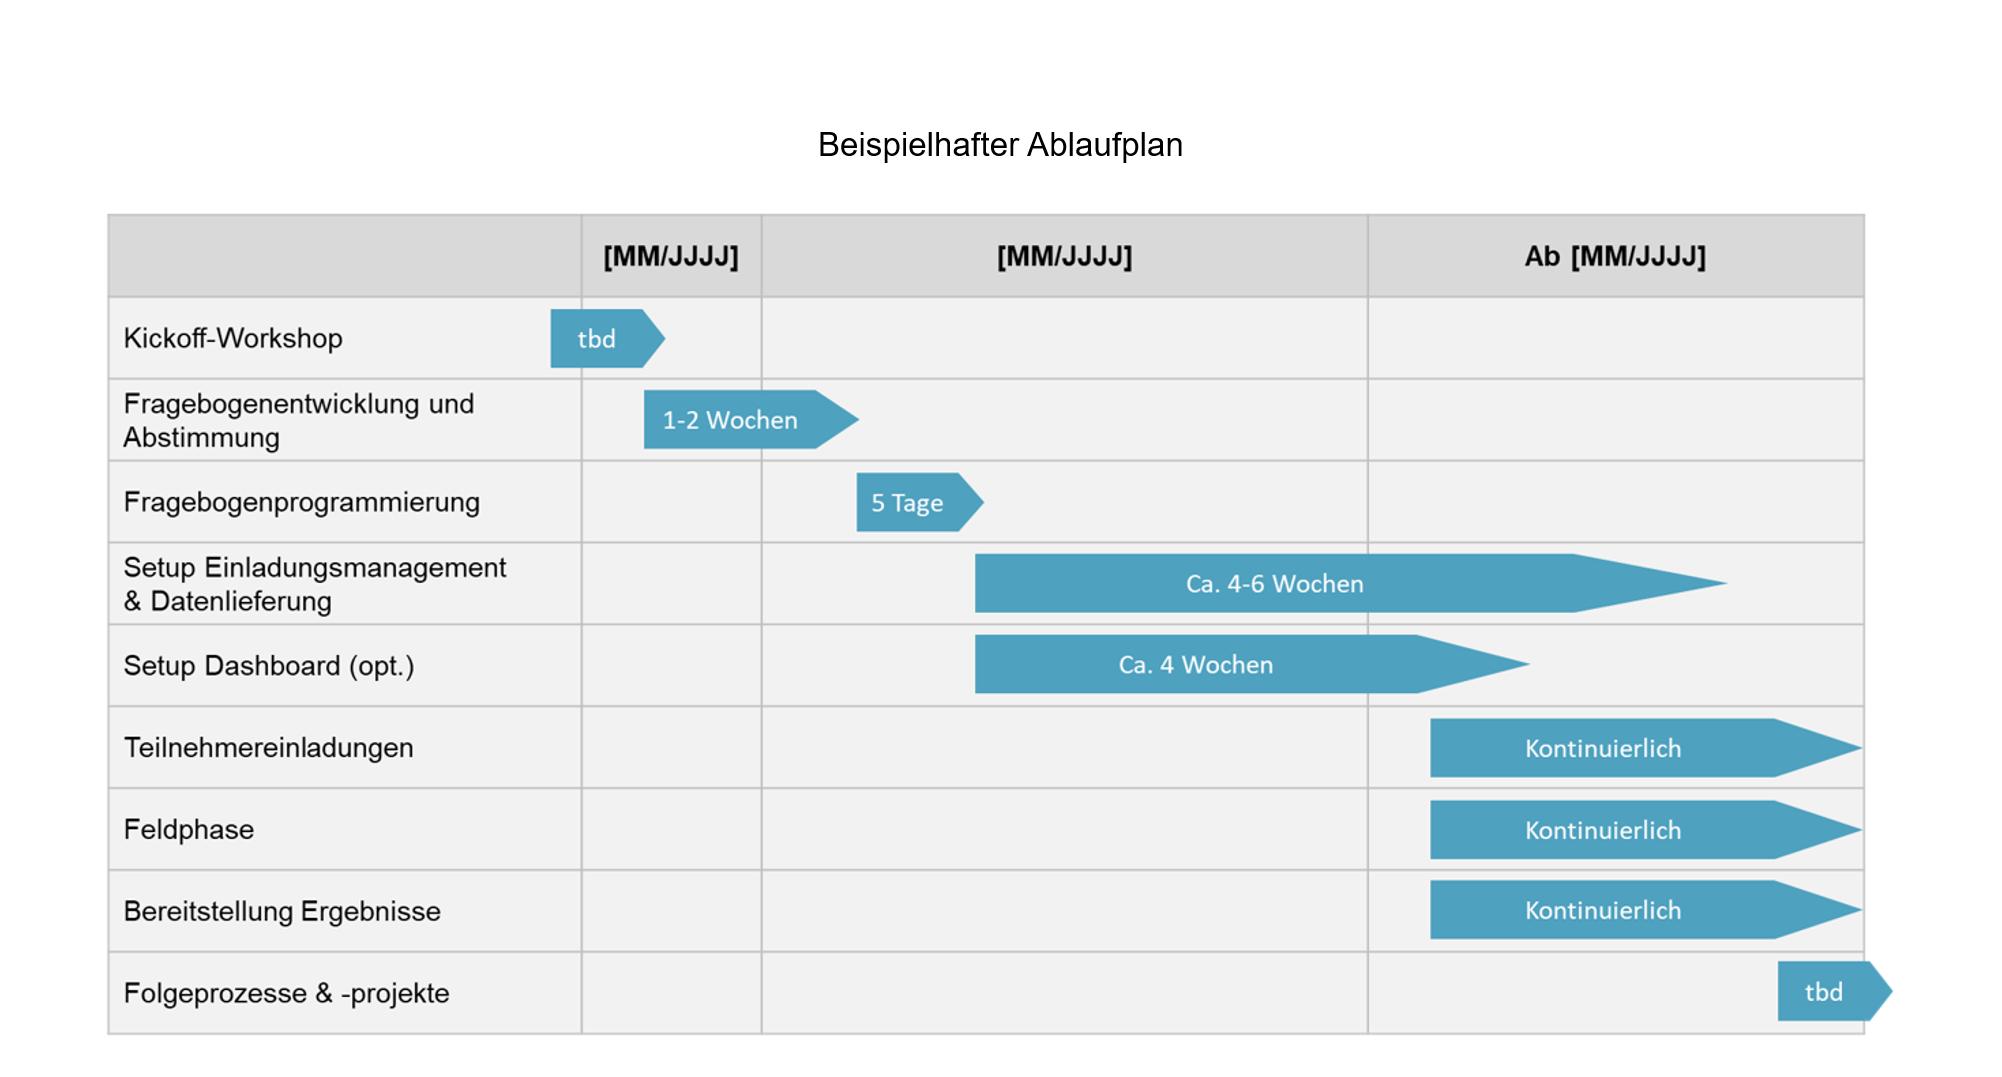 NPS_Ablaufplan